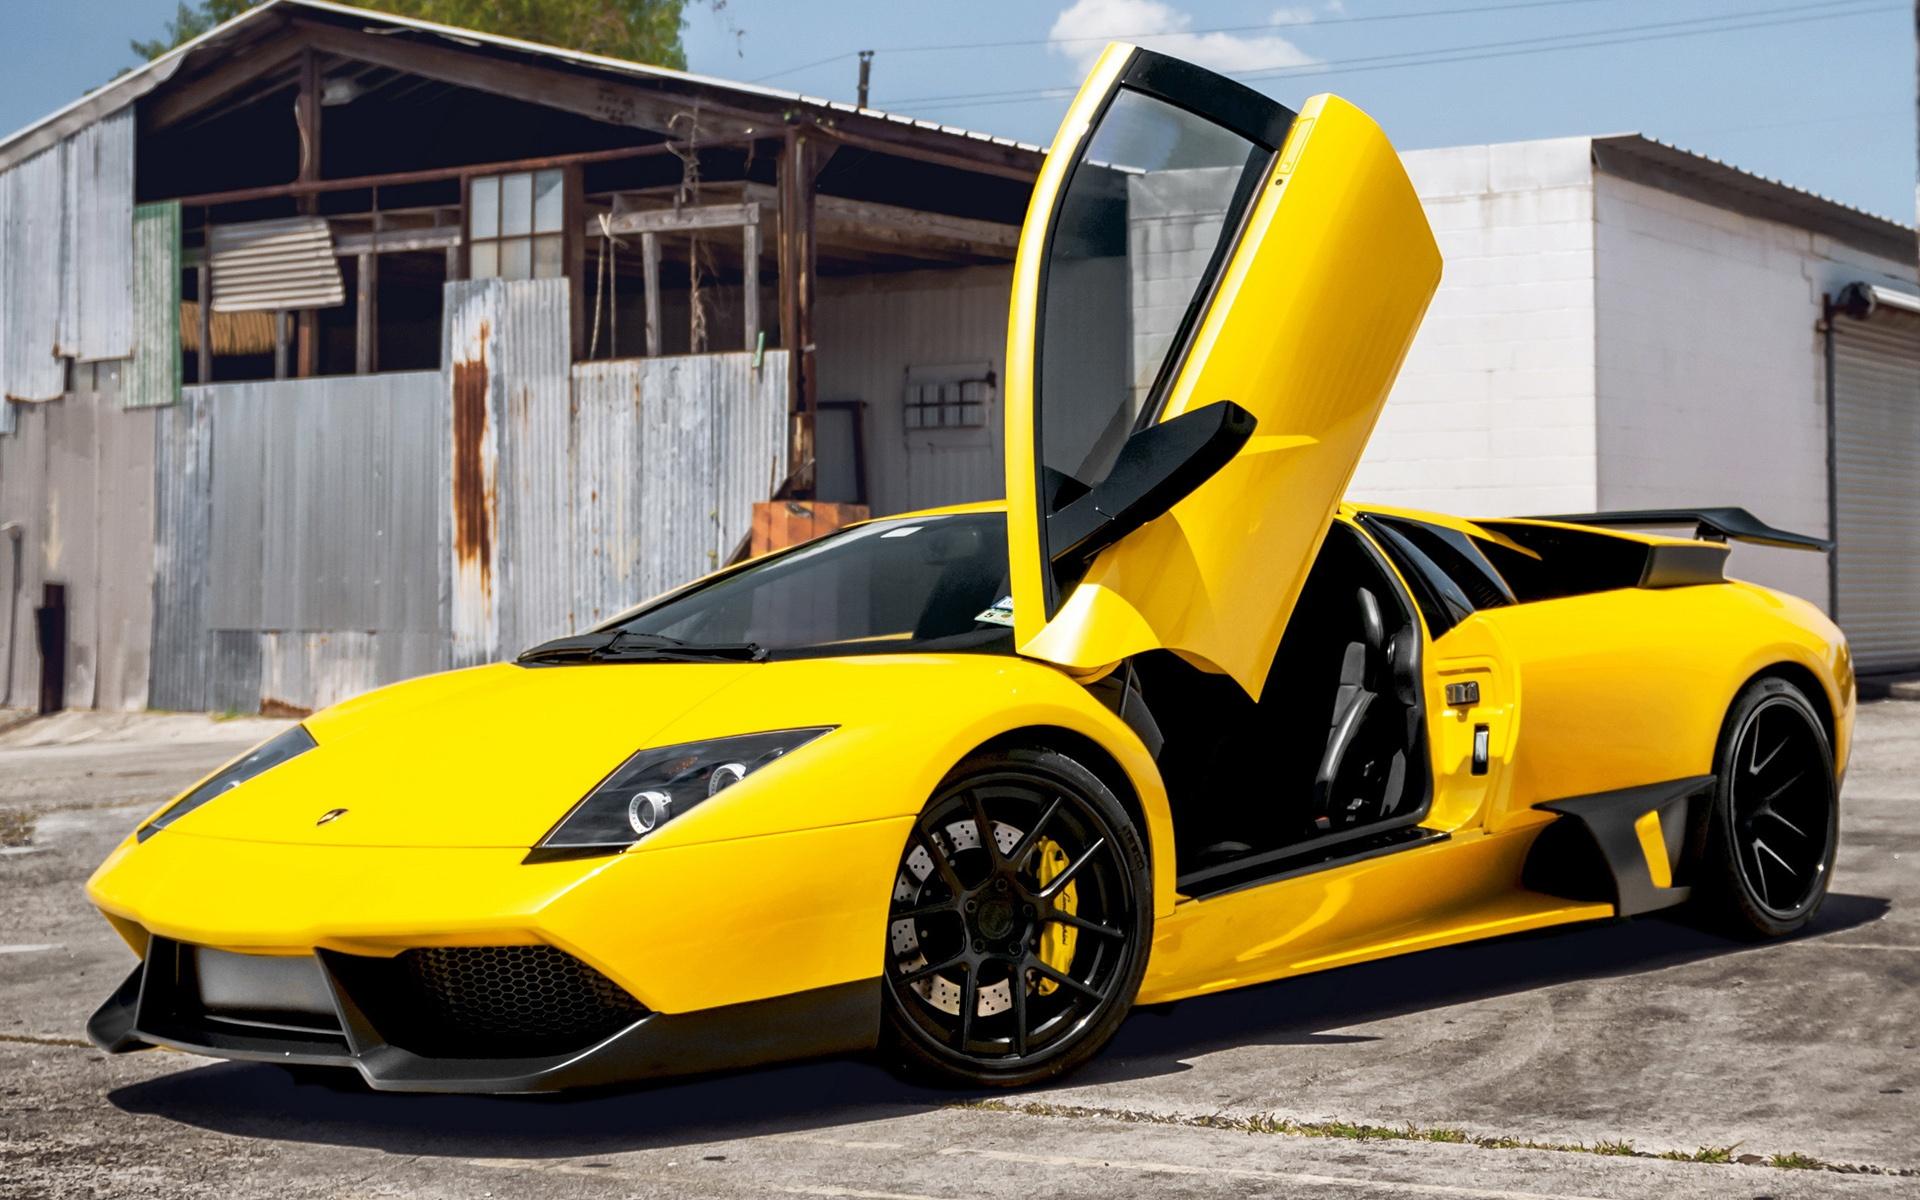 Car Yellow Lamborghini Hot Girls Wallpaper